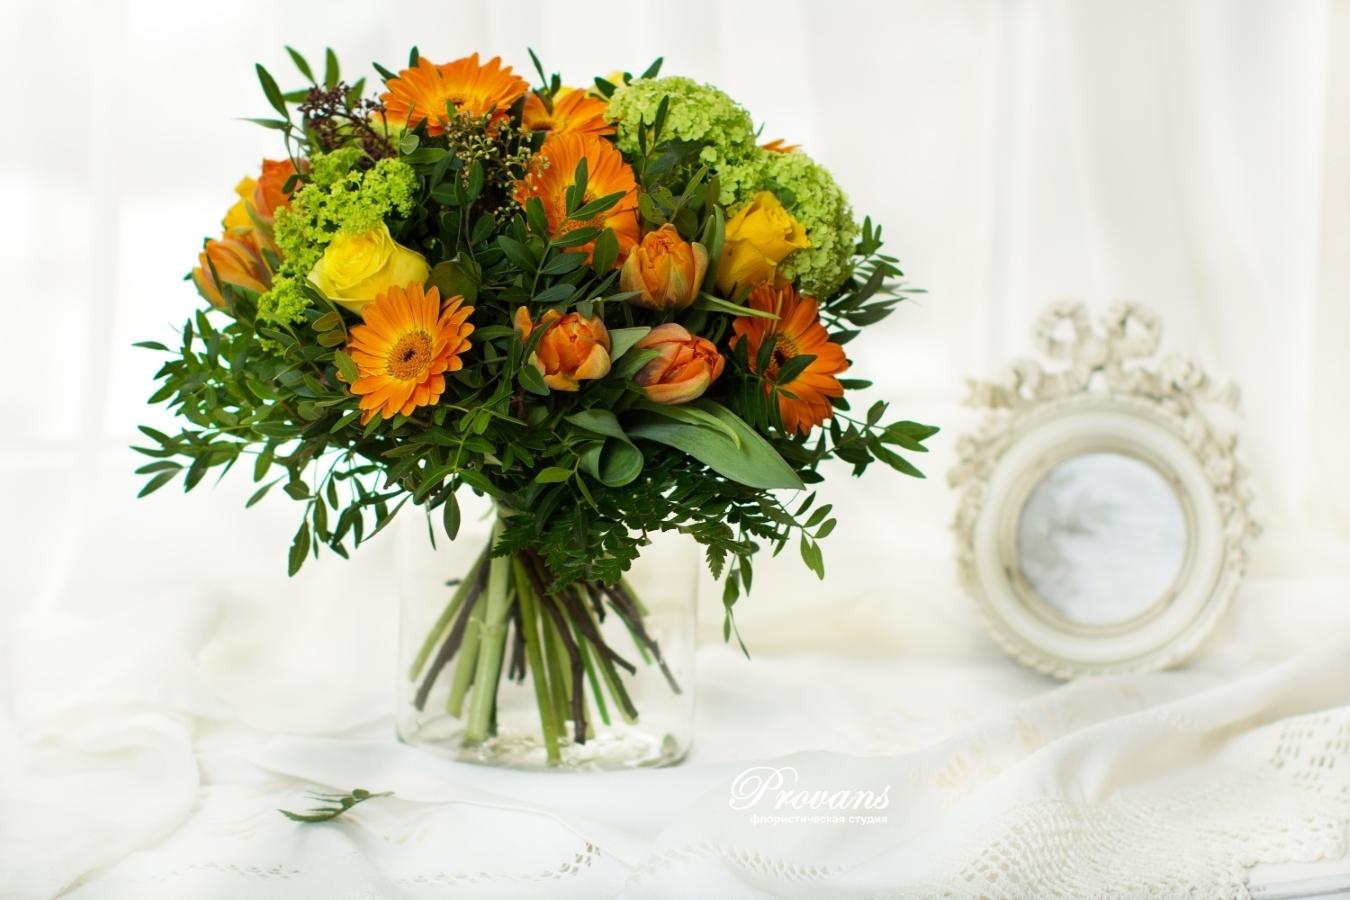 Букет на день рождения. Розы, герберы, тюльпаны.